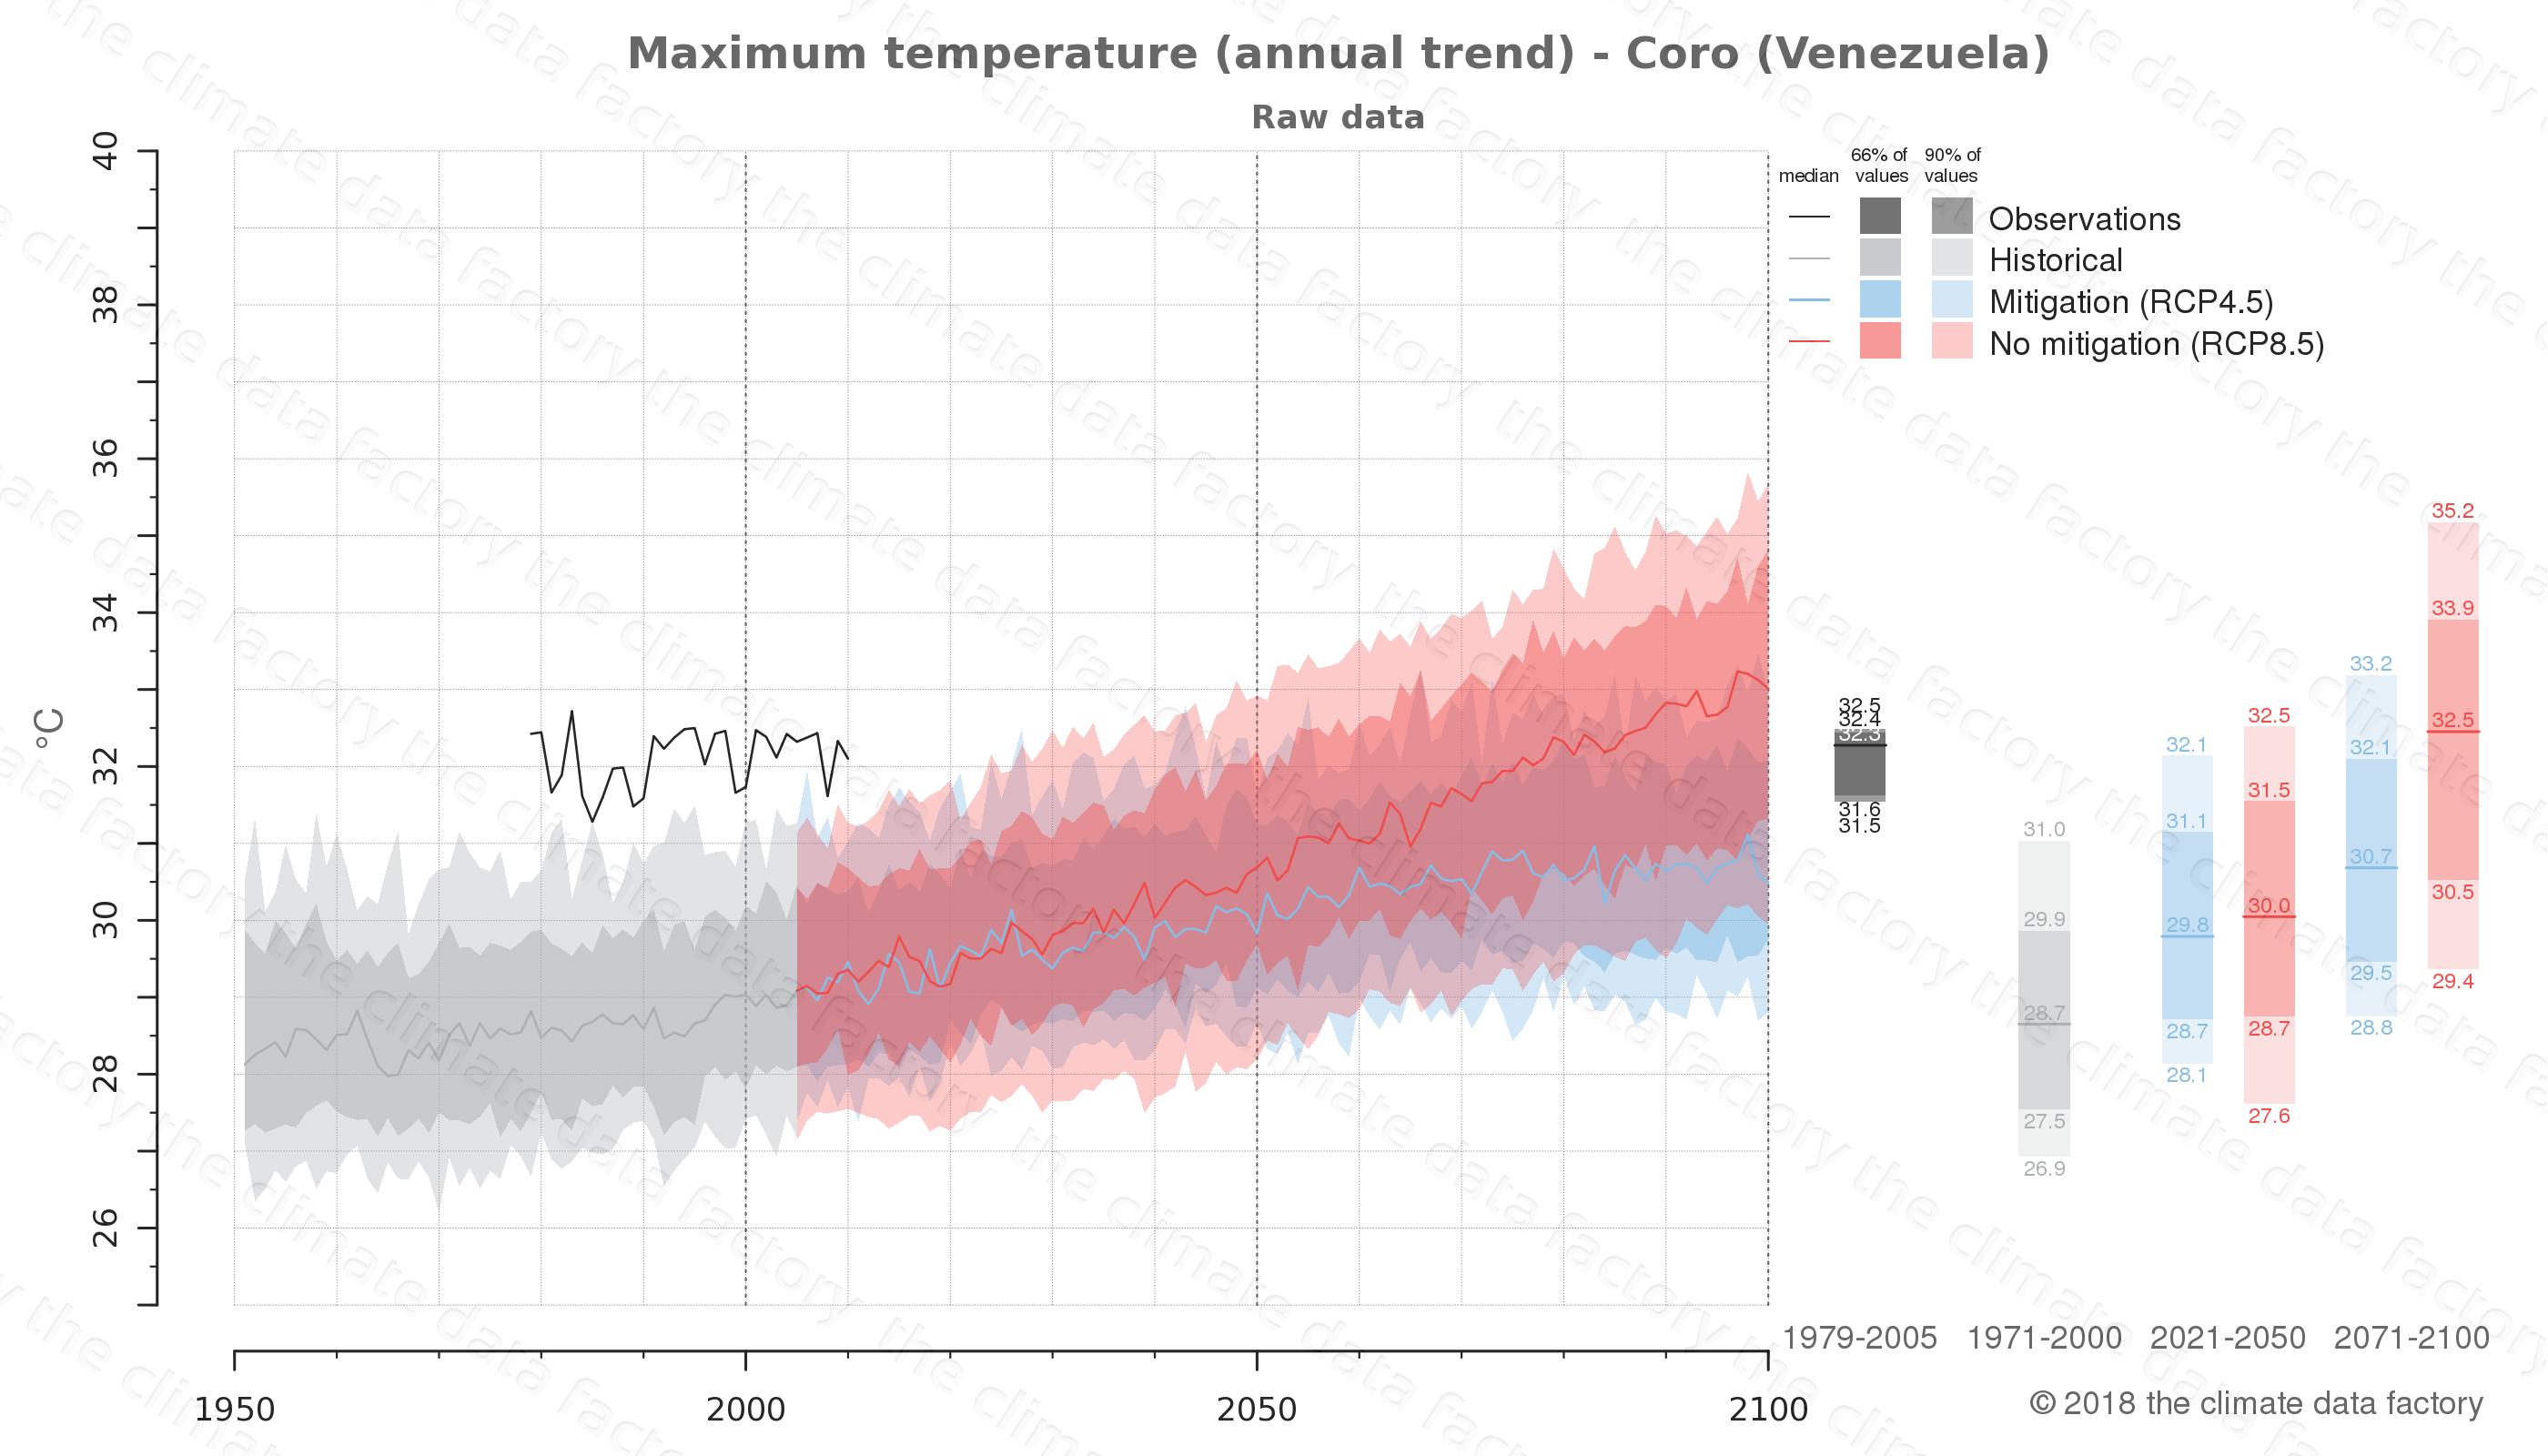 climate change data policy adaptation climate graph city data maximum-temperature coro venezuela